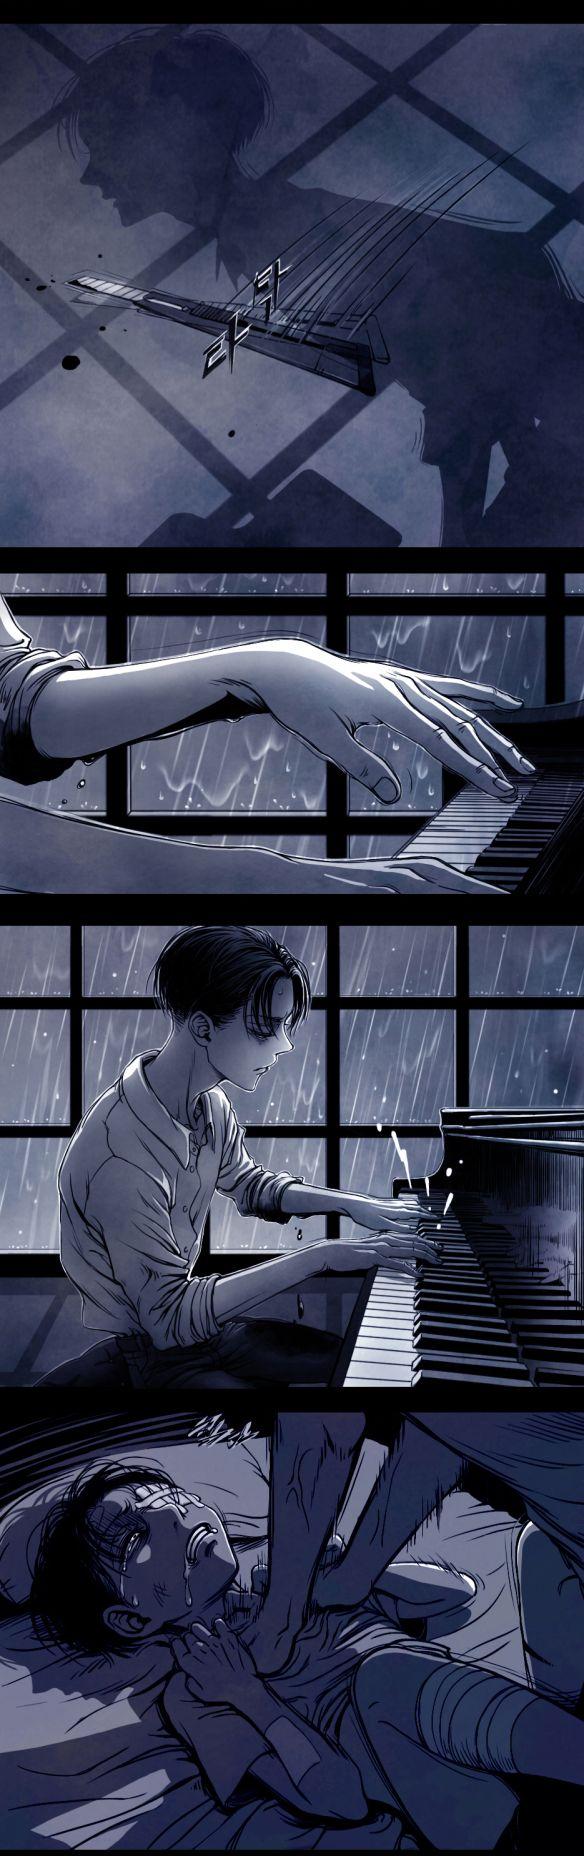 ||Levi|| *More cries* (Un día de estos numeraré las imagenes del piano)